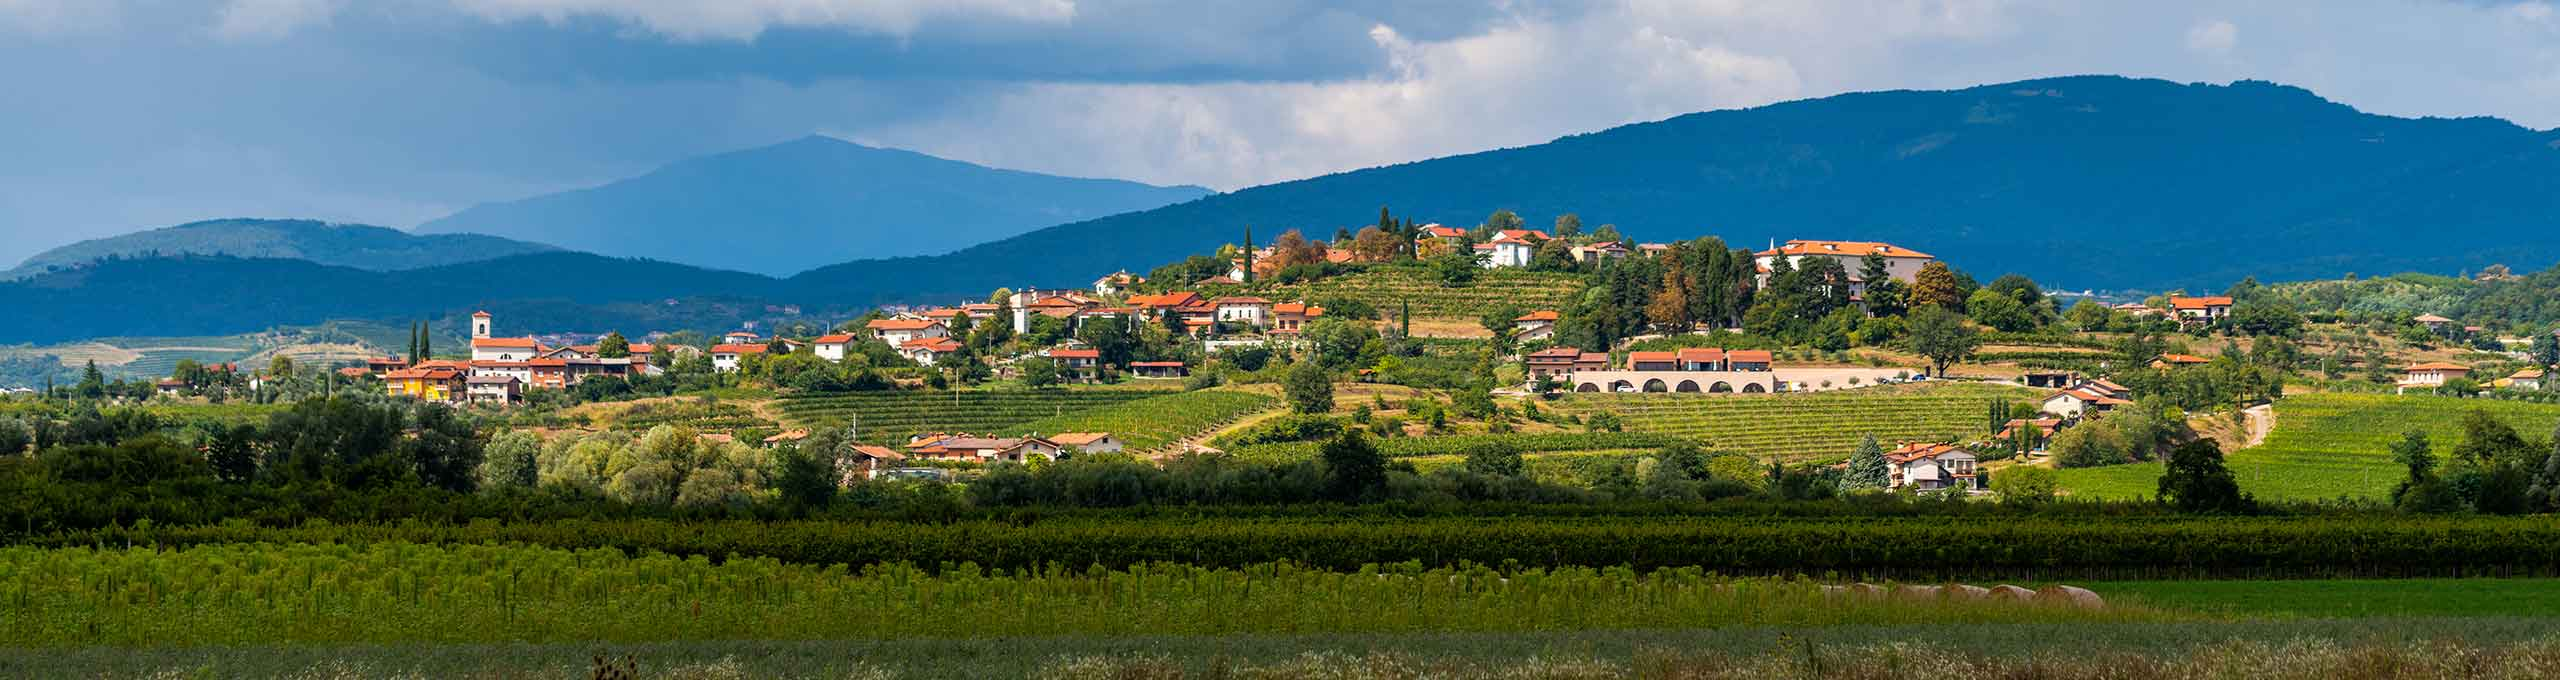 San Floriano del Collio, Gorizia, Collio e Monfalcone